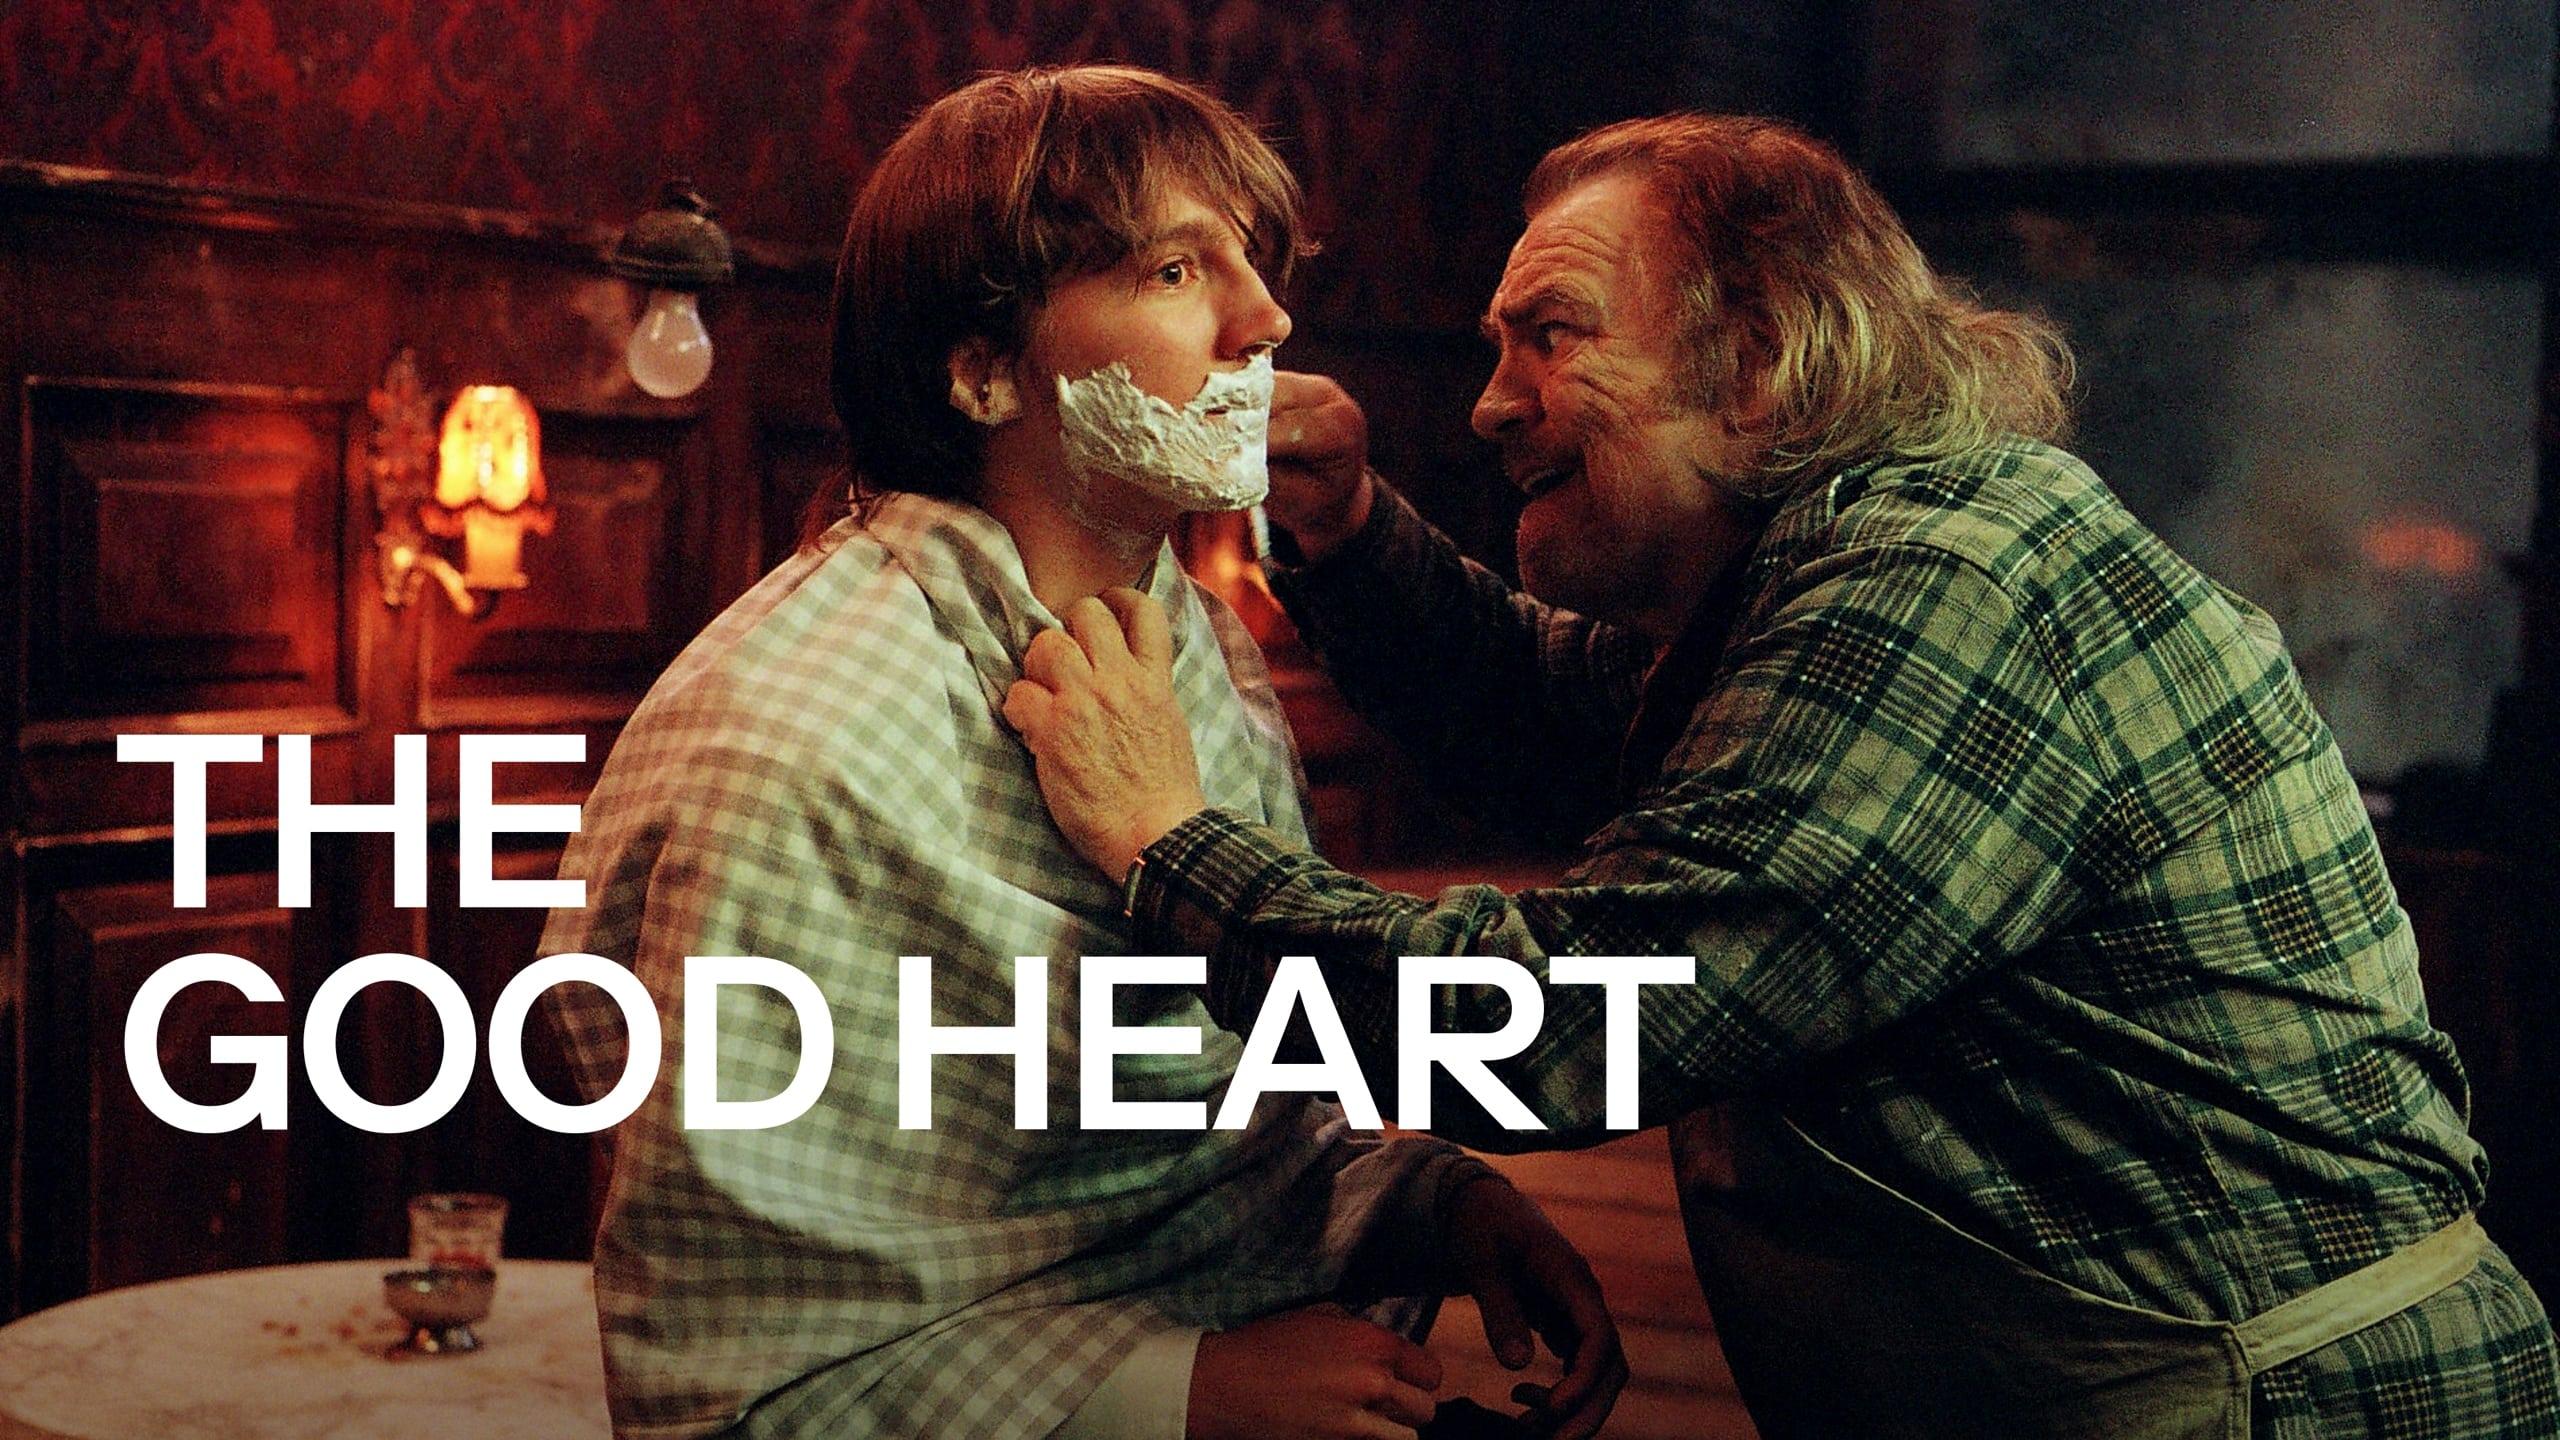 Dobré srdce (2009)